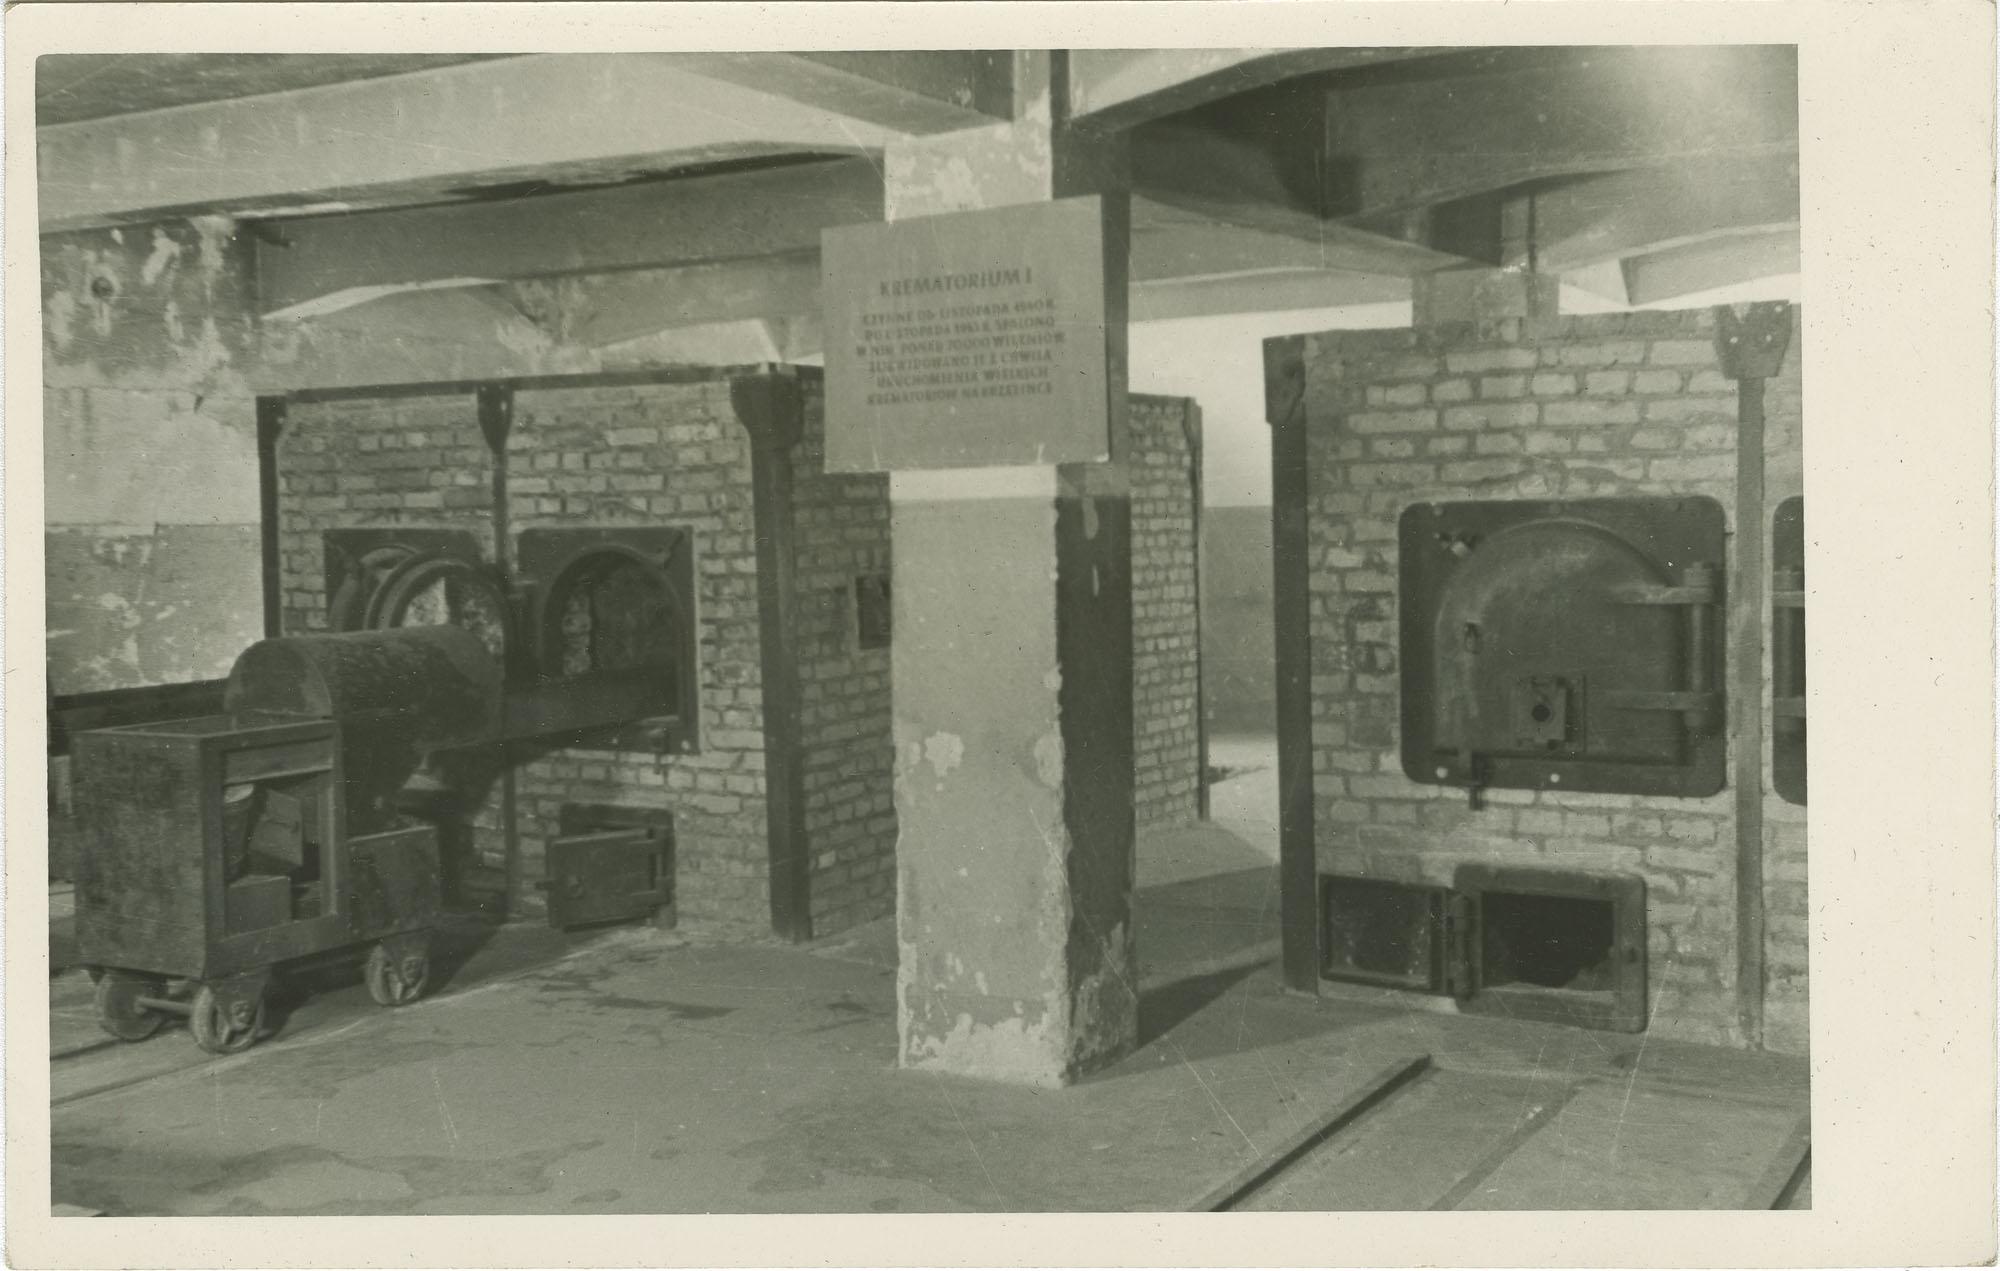 Państwowe Muzeum - Oświęcim. Piece w krematorium Nr. 1.